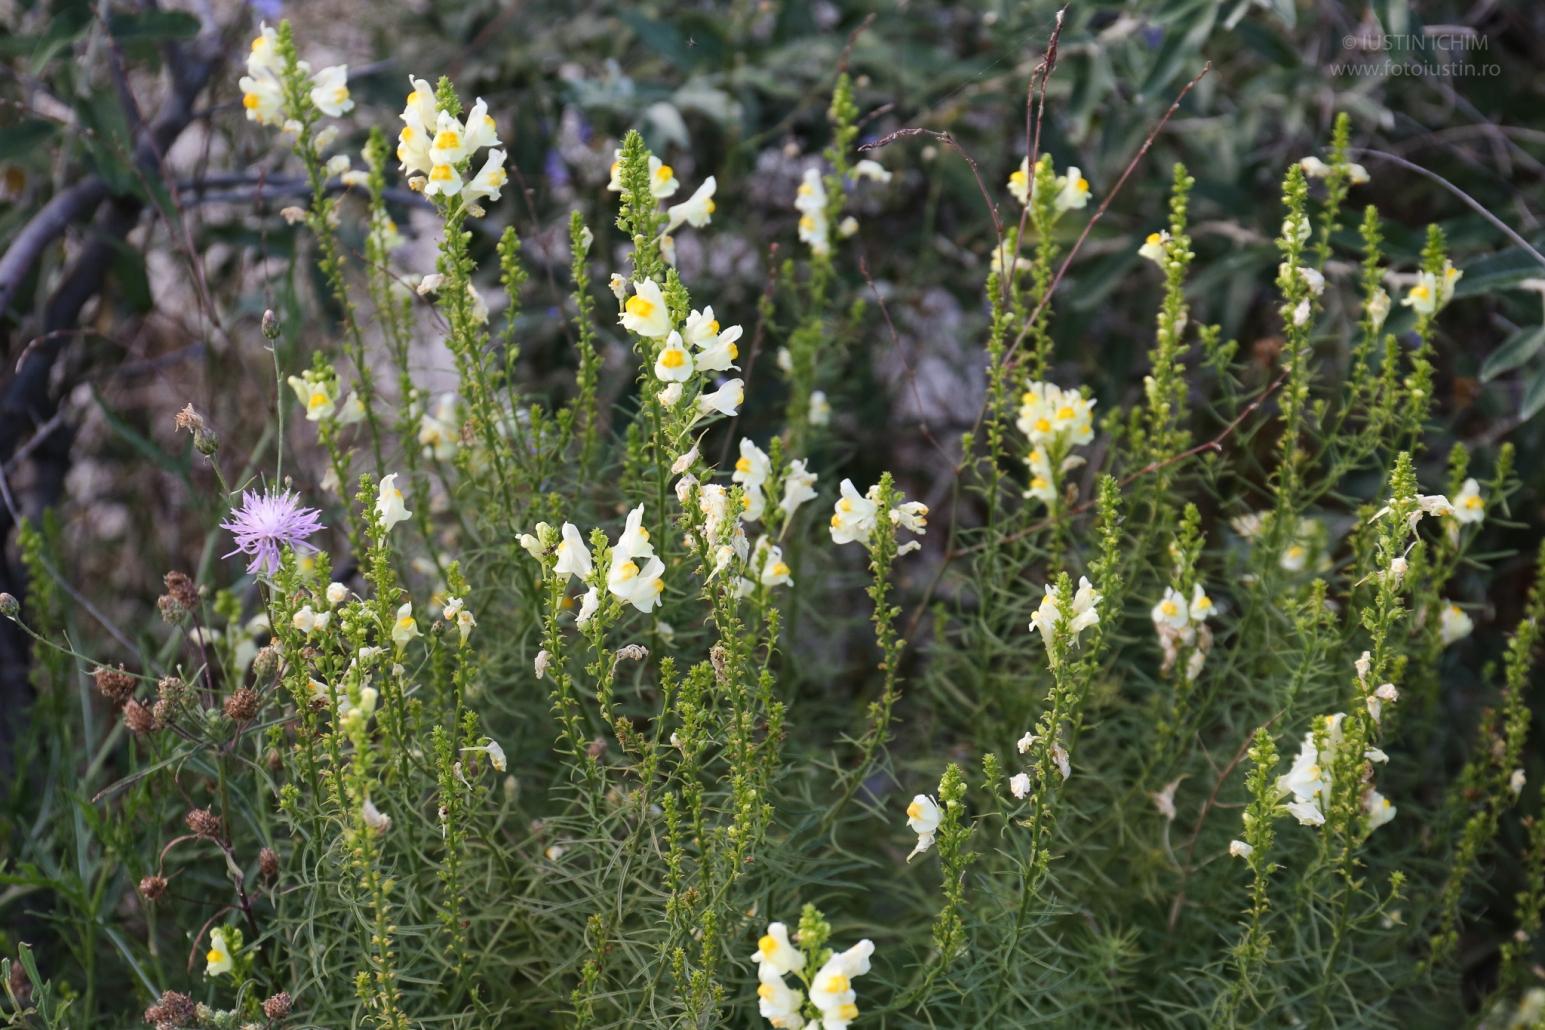 Linaria vulgaris, Linăriță, plantă medicinală!